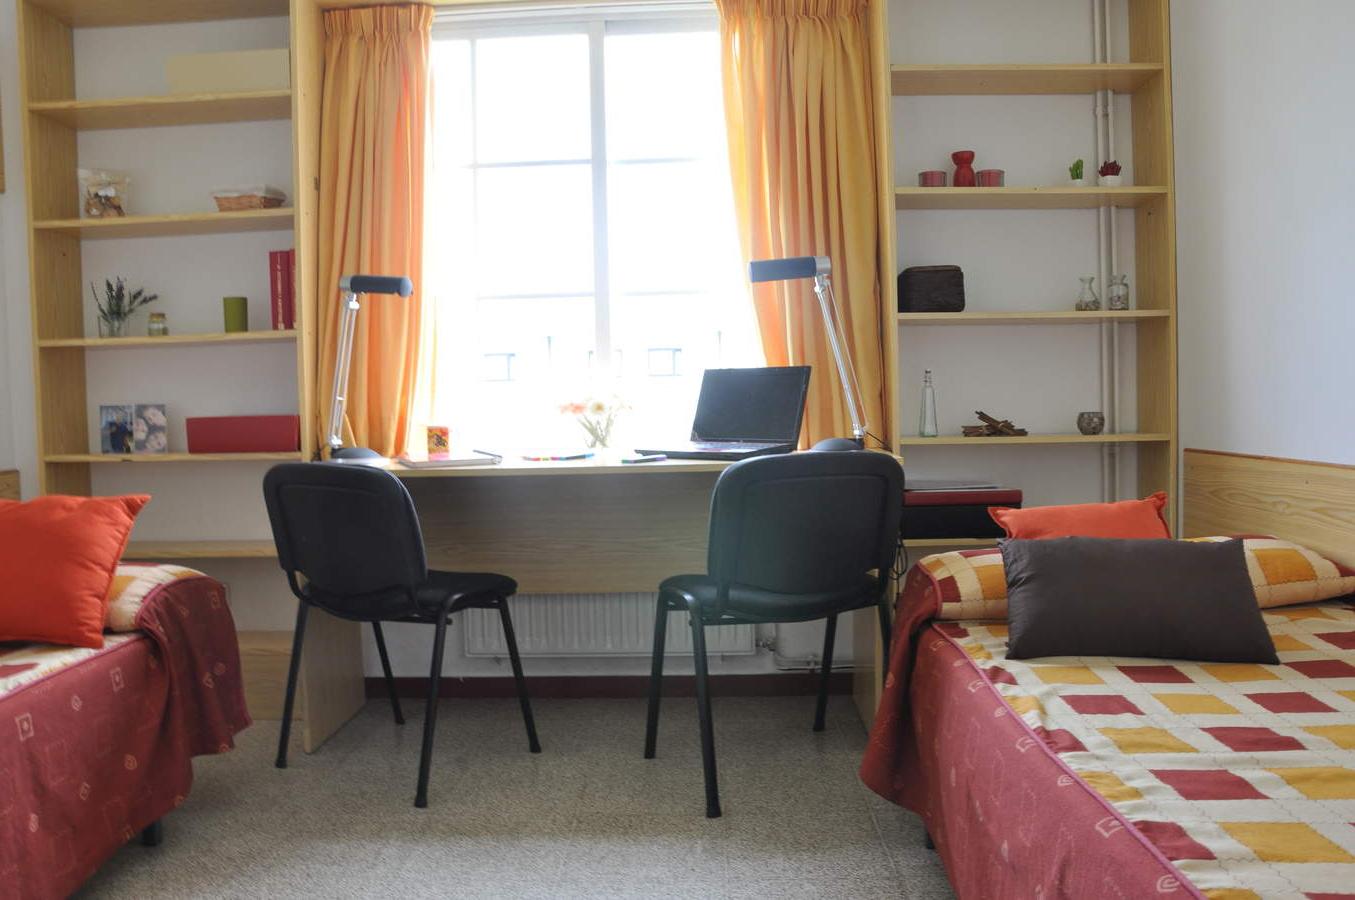 Sofas Coruña Tldn 24 Rúa Polvorà N A Coruà A Spain 2583 Student Mundial